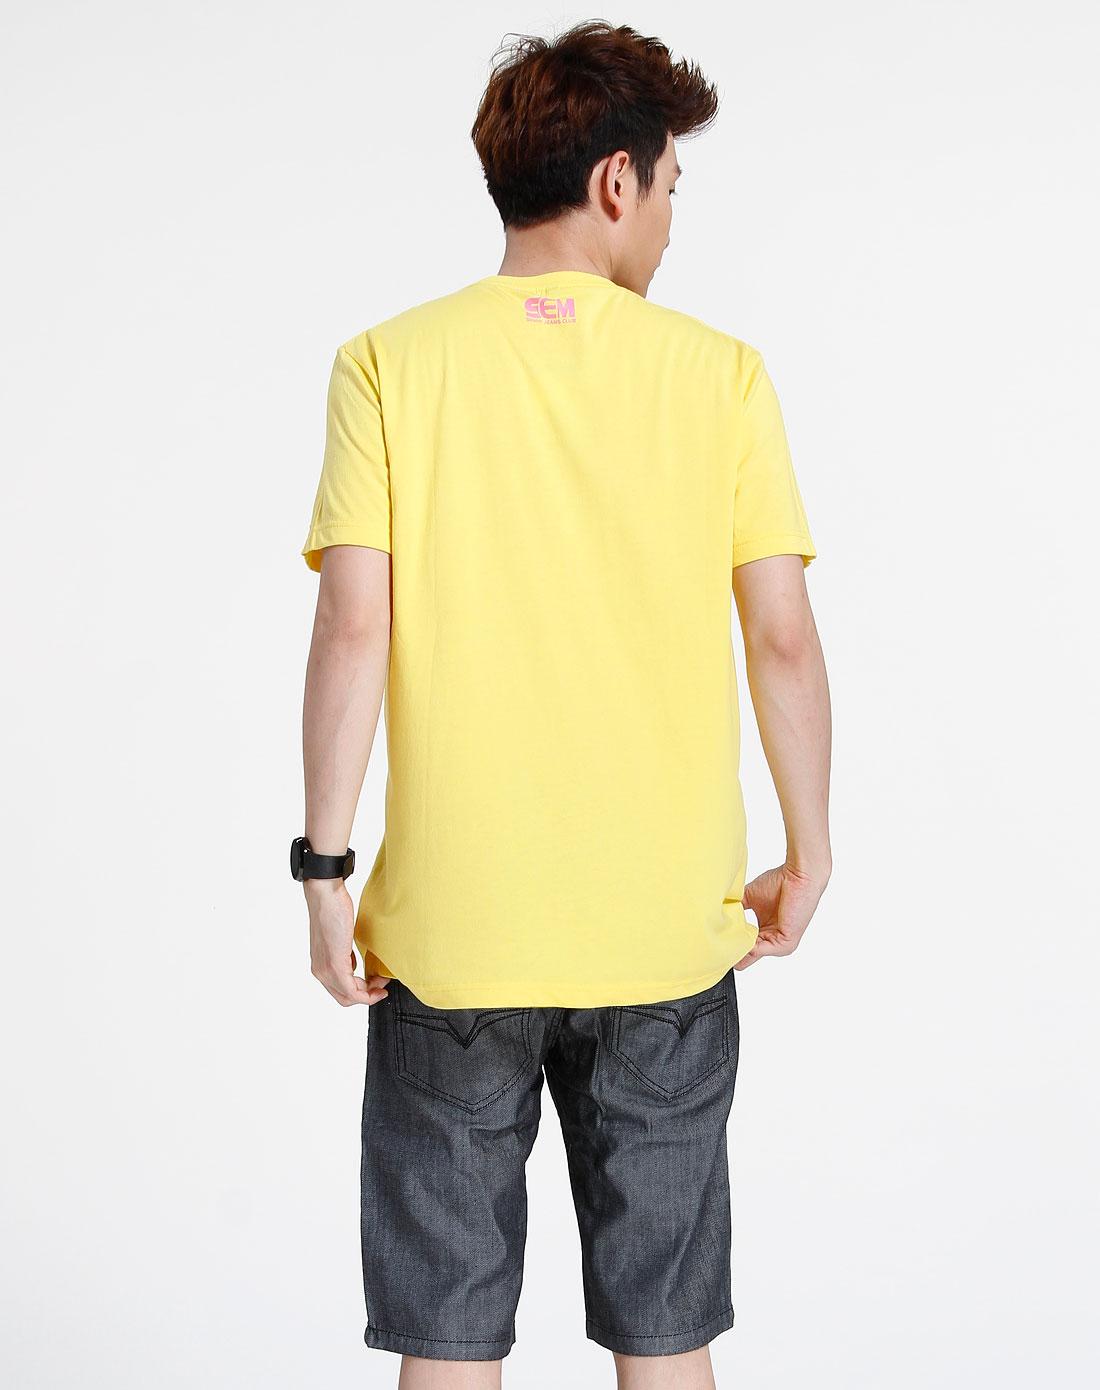 森马-男装-黄色时尚印图短袖t恤图片